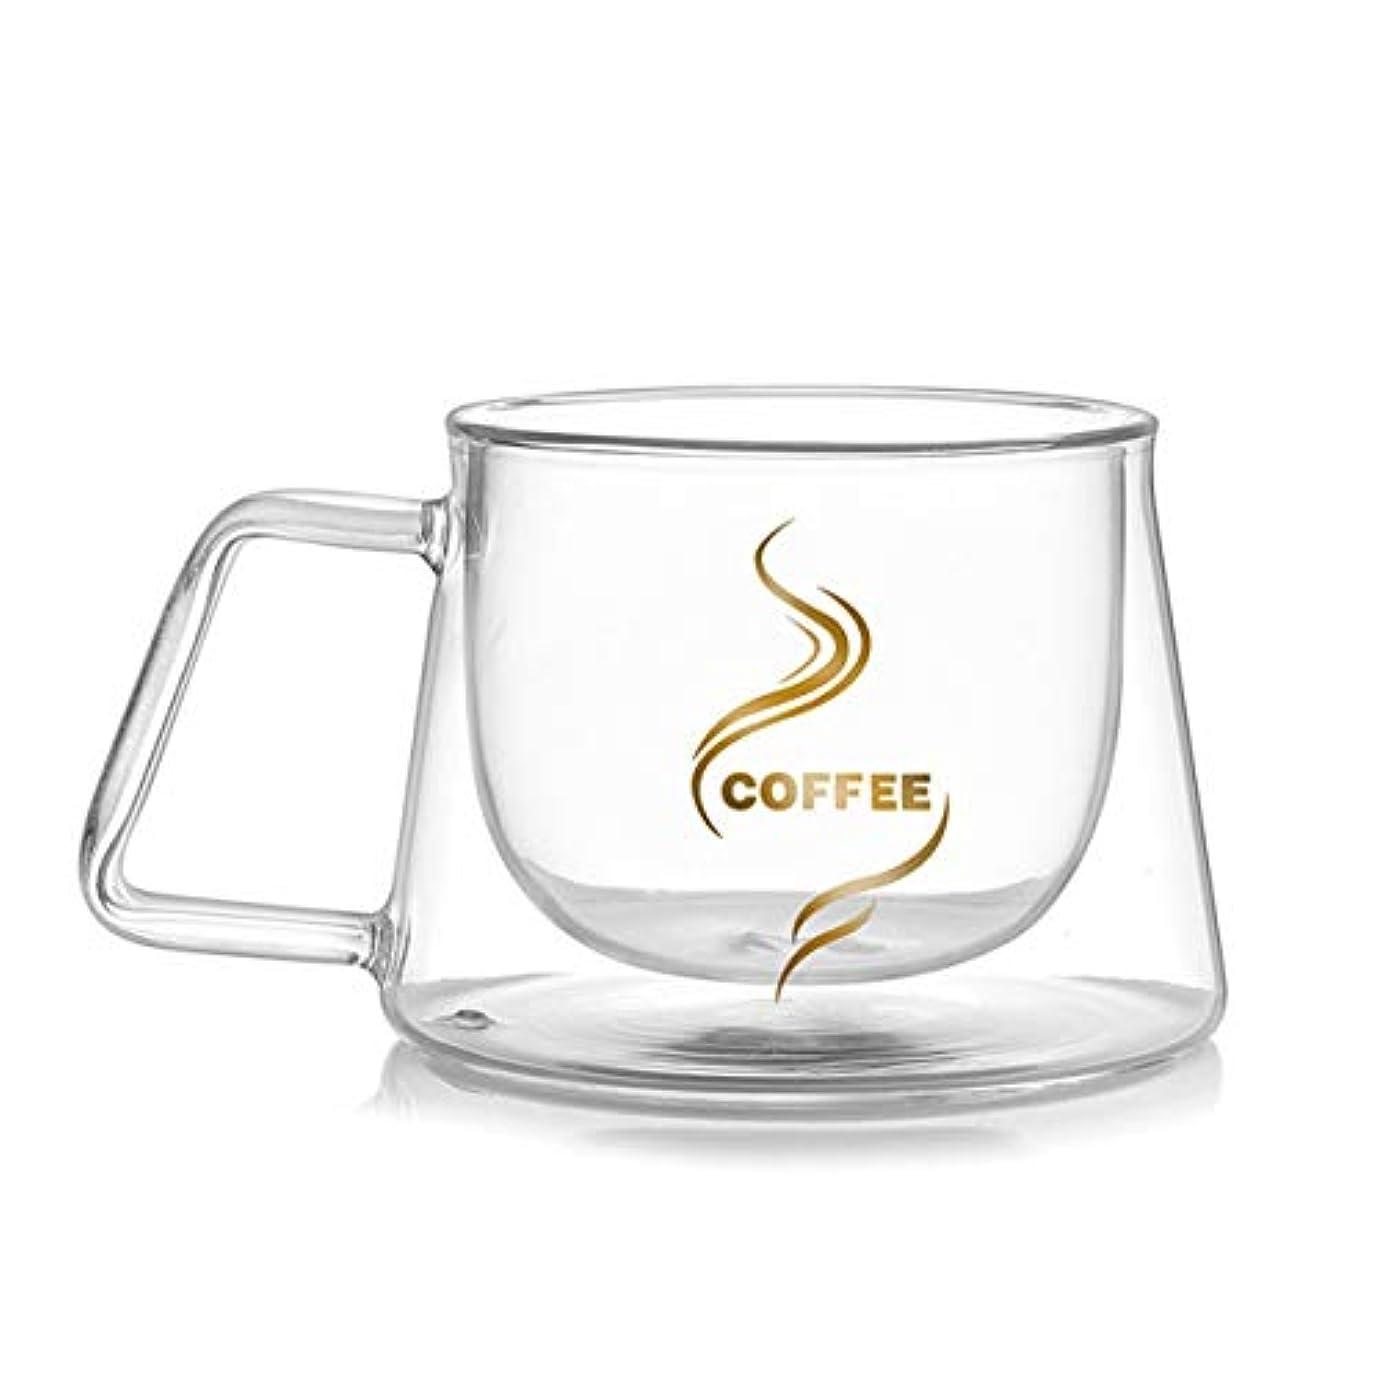 市の中心部まだ中止しますSaikogoods 200ML ダブルレイヤー ガラスのコーヒーカップ コーヒーマグ 手作り ビールジョッキを飲む ホームオフィスマグ 透明 耐熱 カップ グラス トランスペアレント